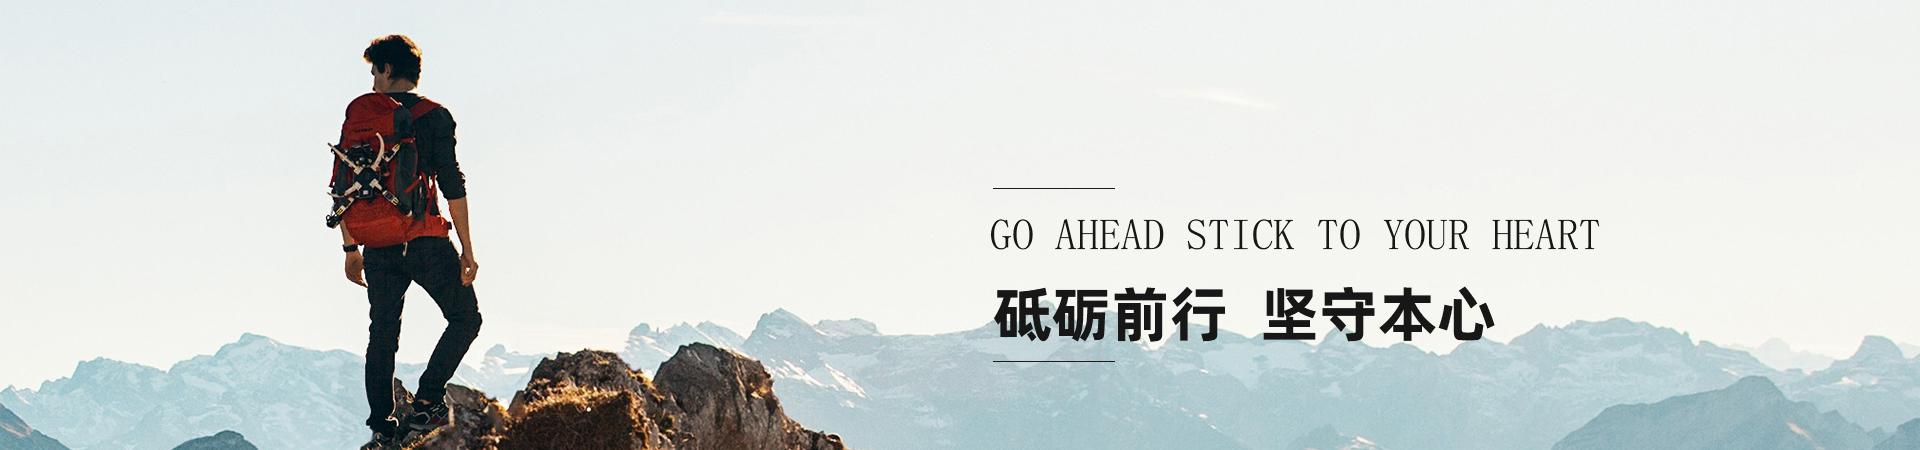 http://www.youyizhiye.com.cn/data/upload/201910/20191028193109_470.jpg